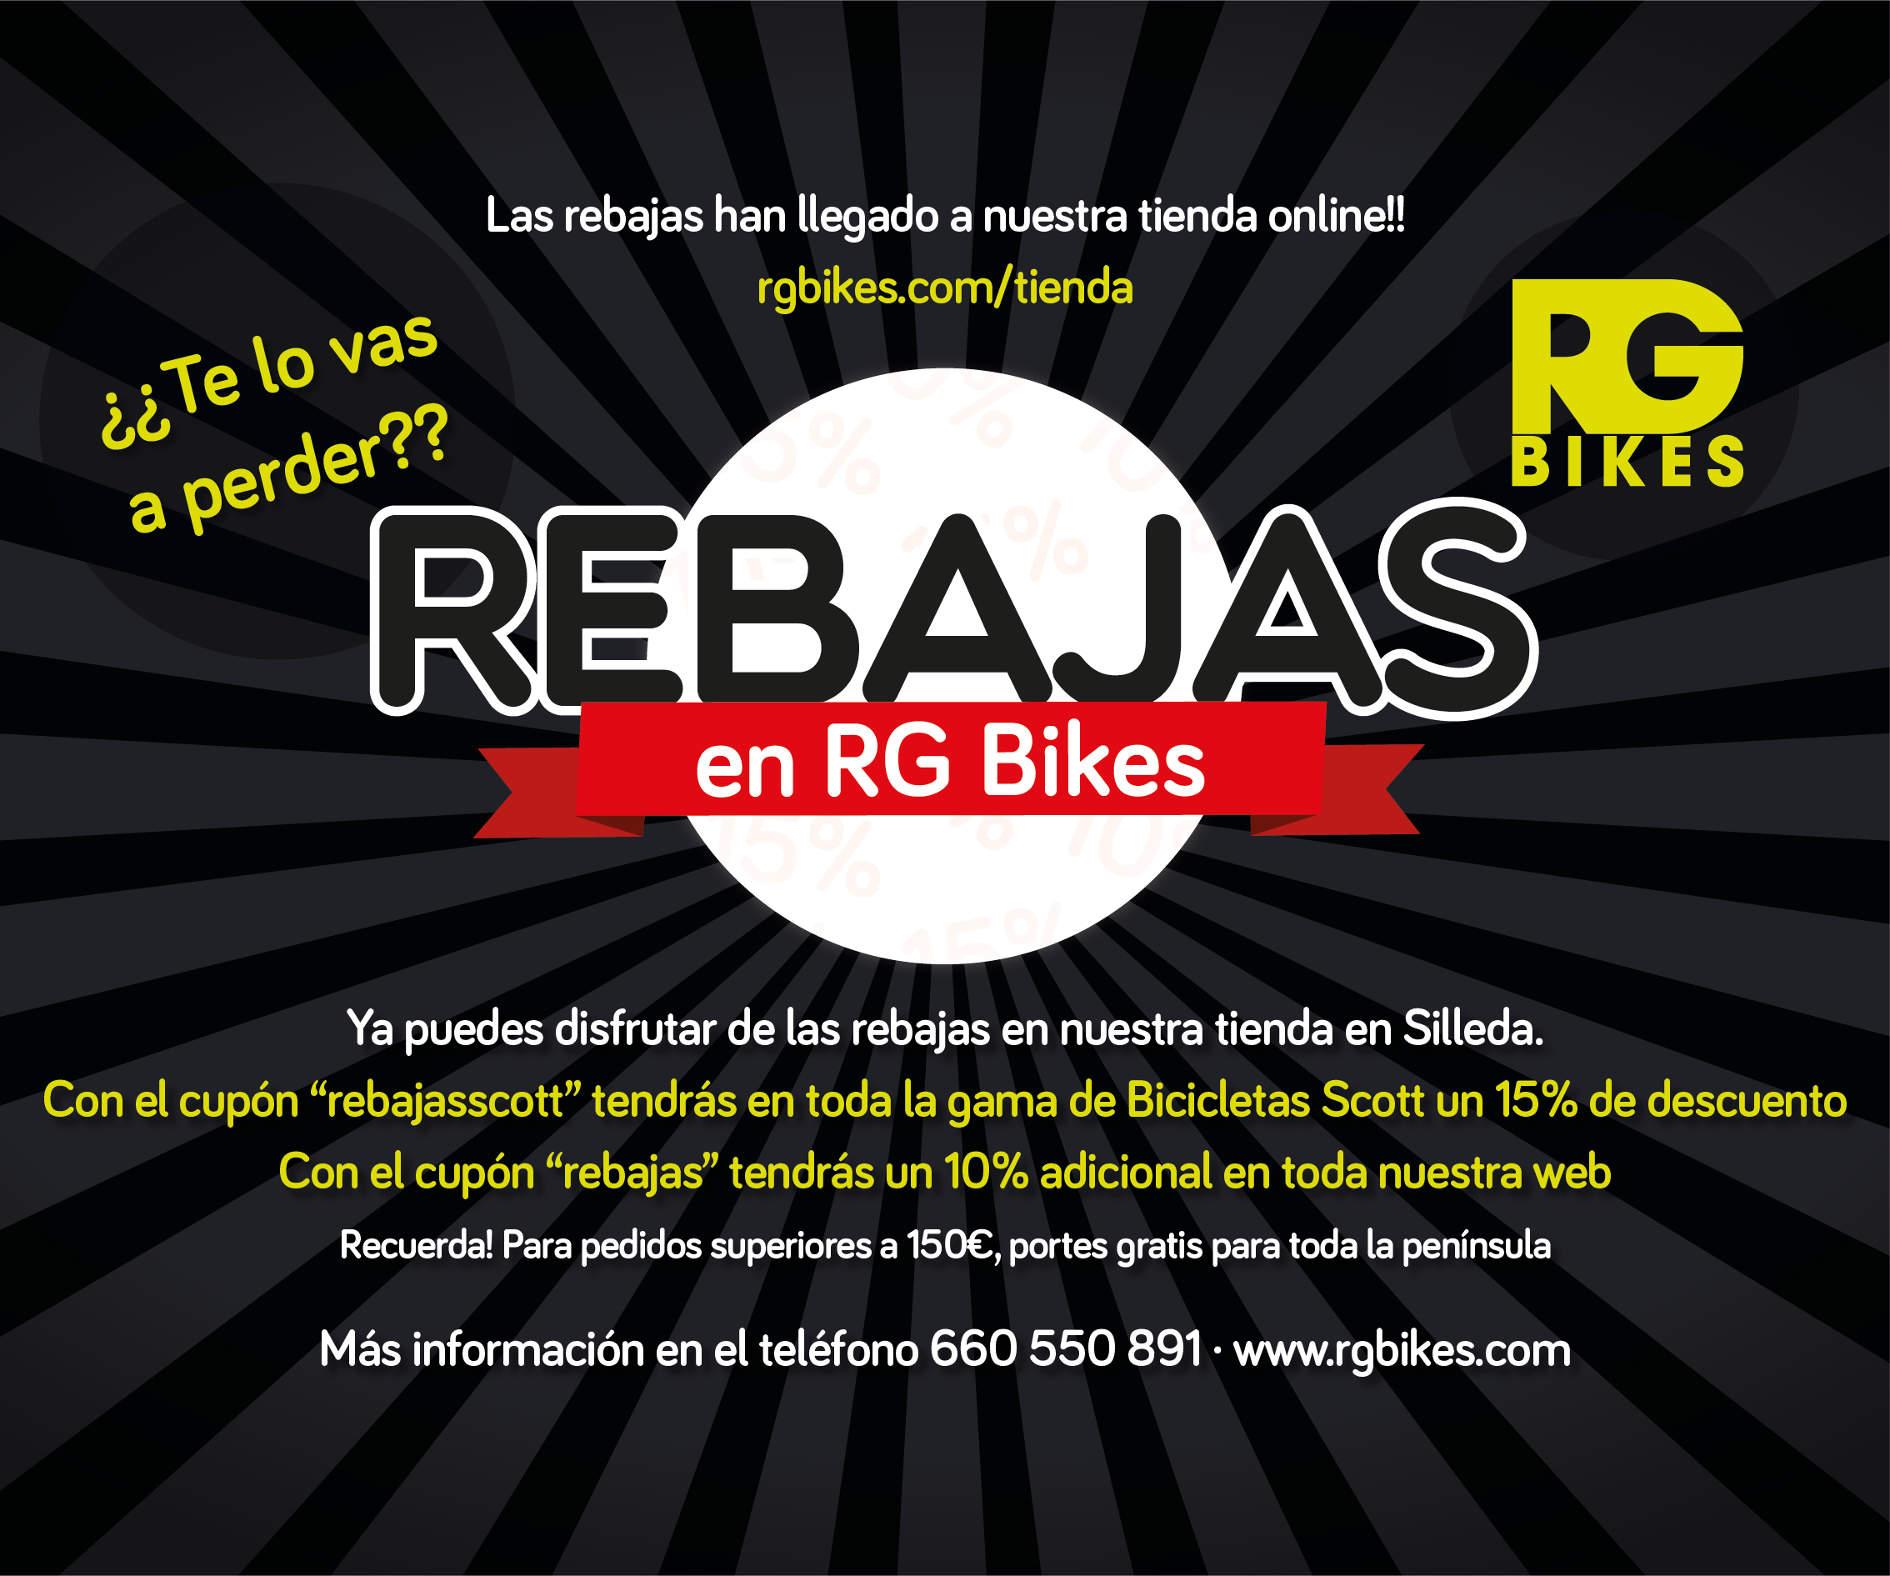 Rebaixas-RGBikes18